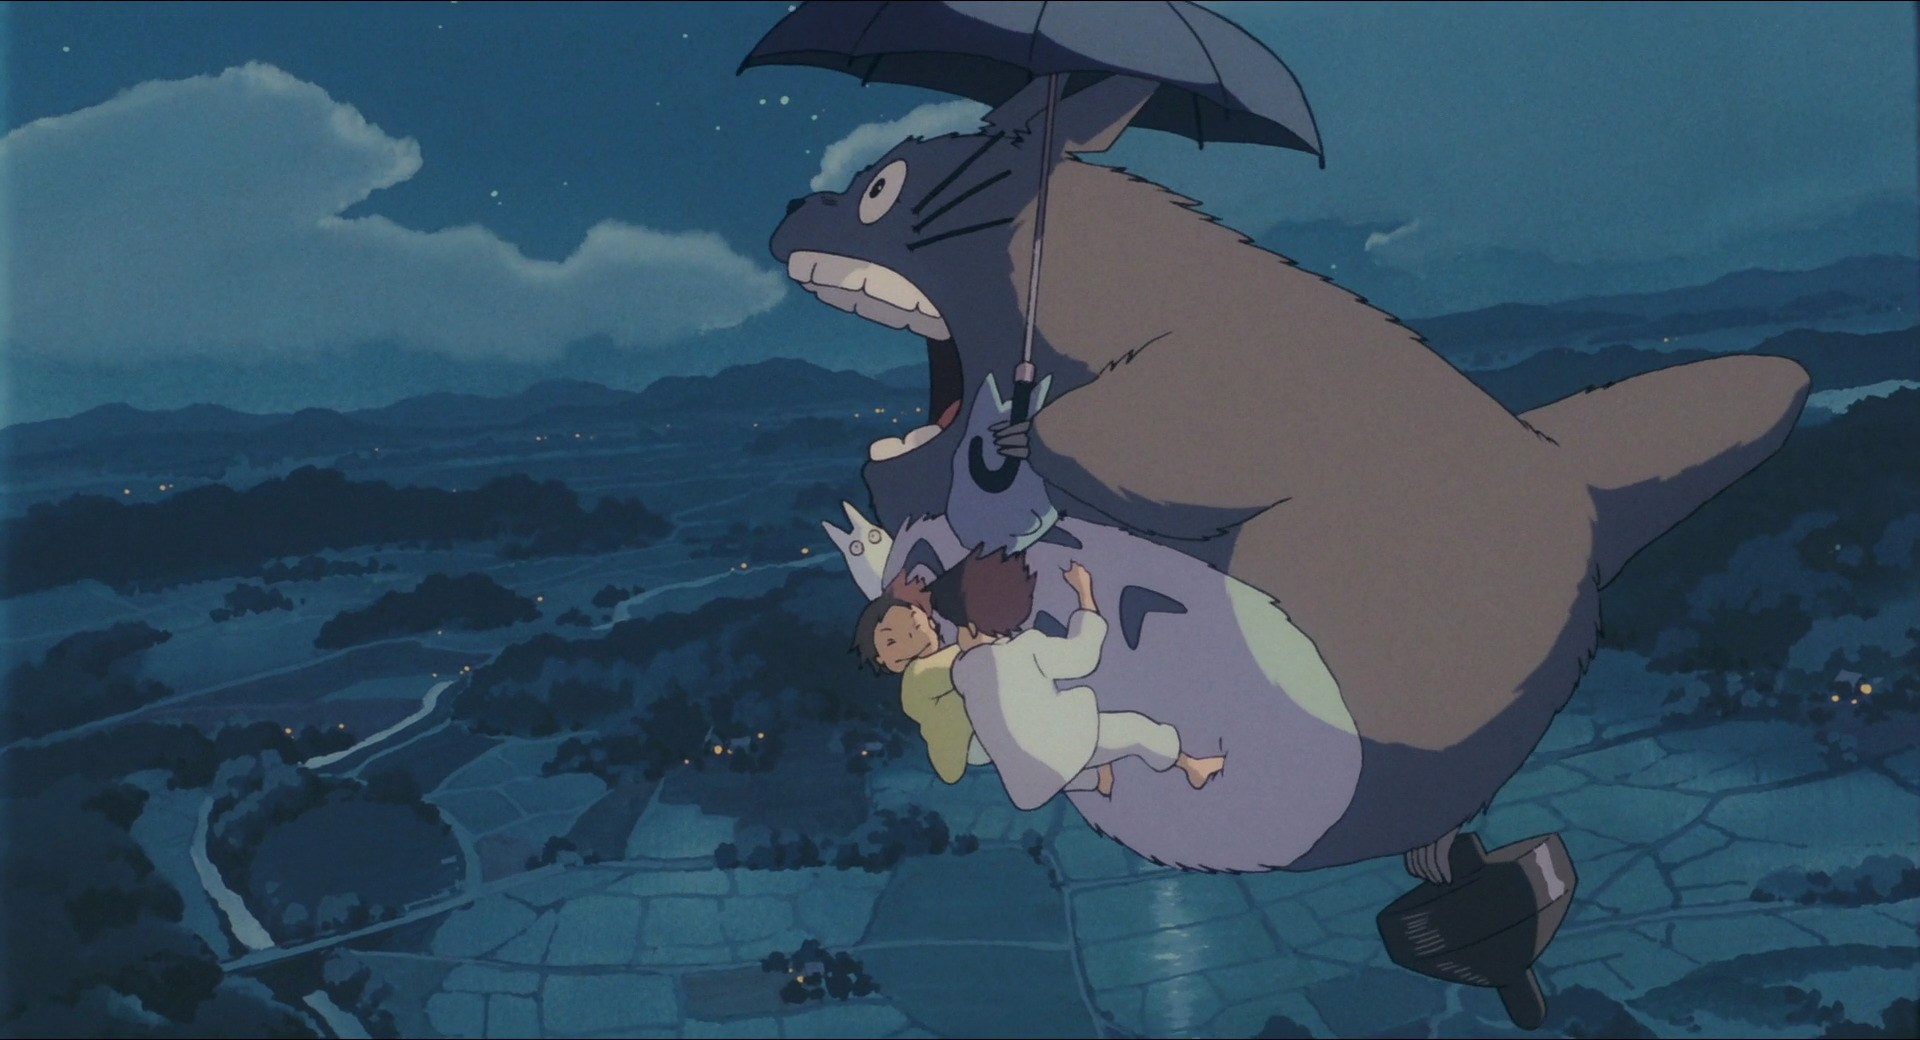 Totoro flies in the sky in My Neighbor Totoro